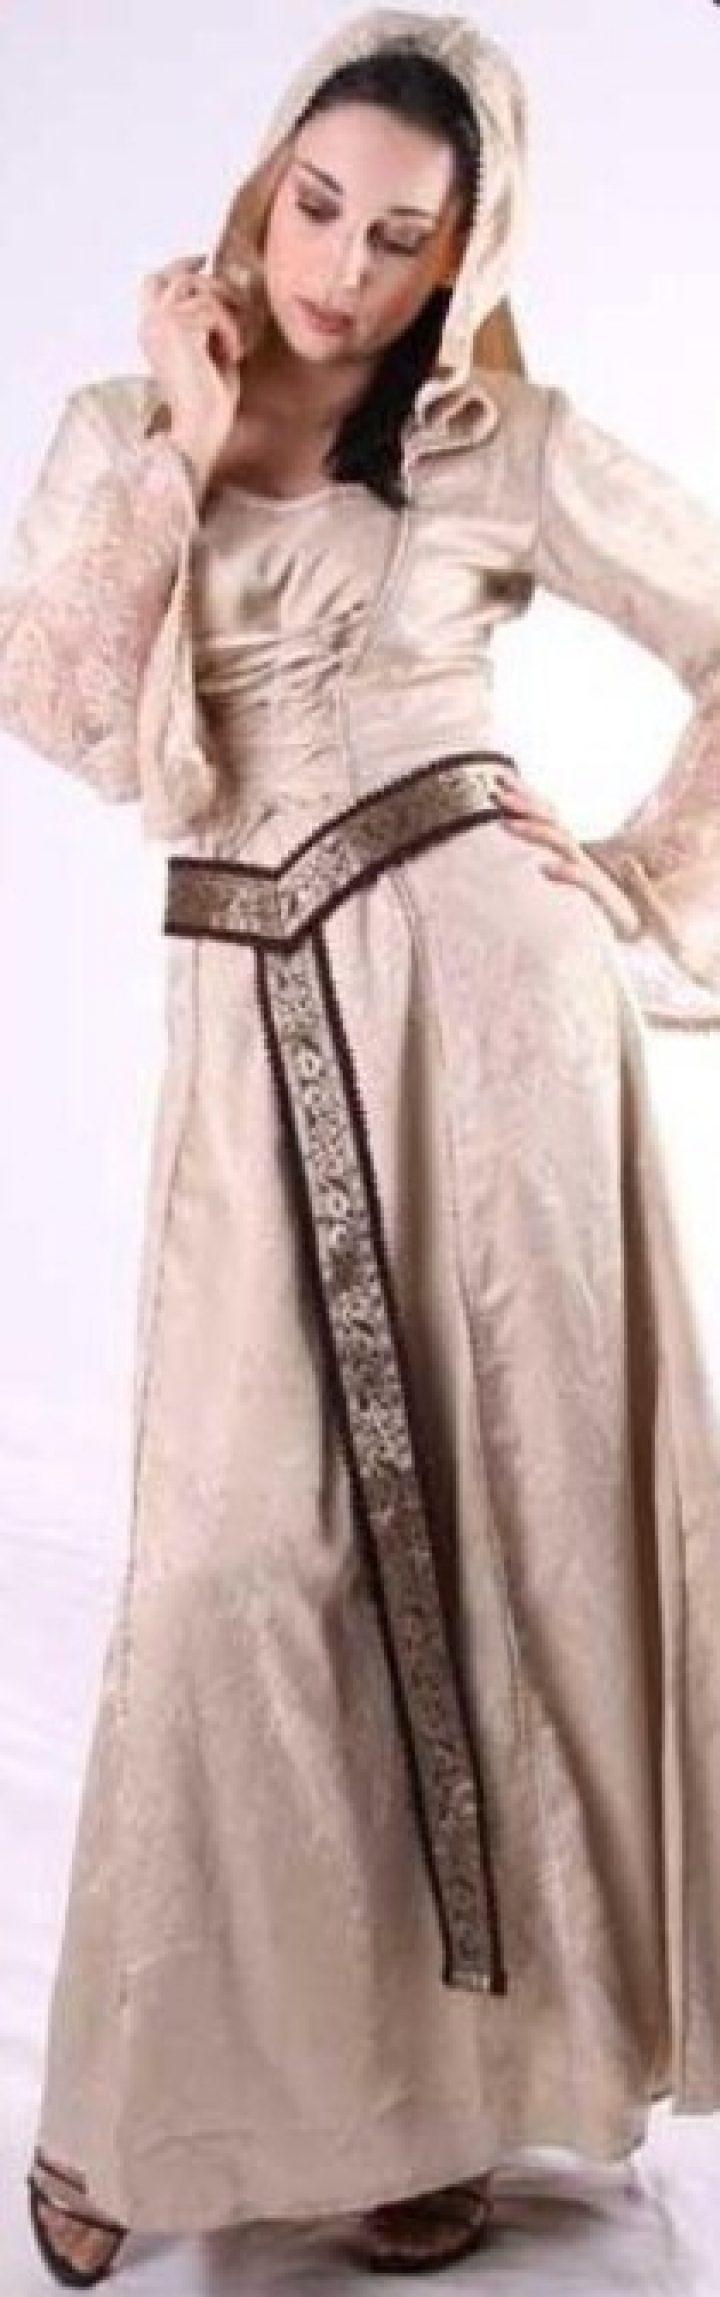 Middeleeuwse damesgordel